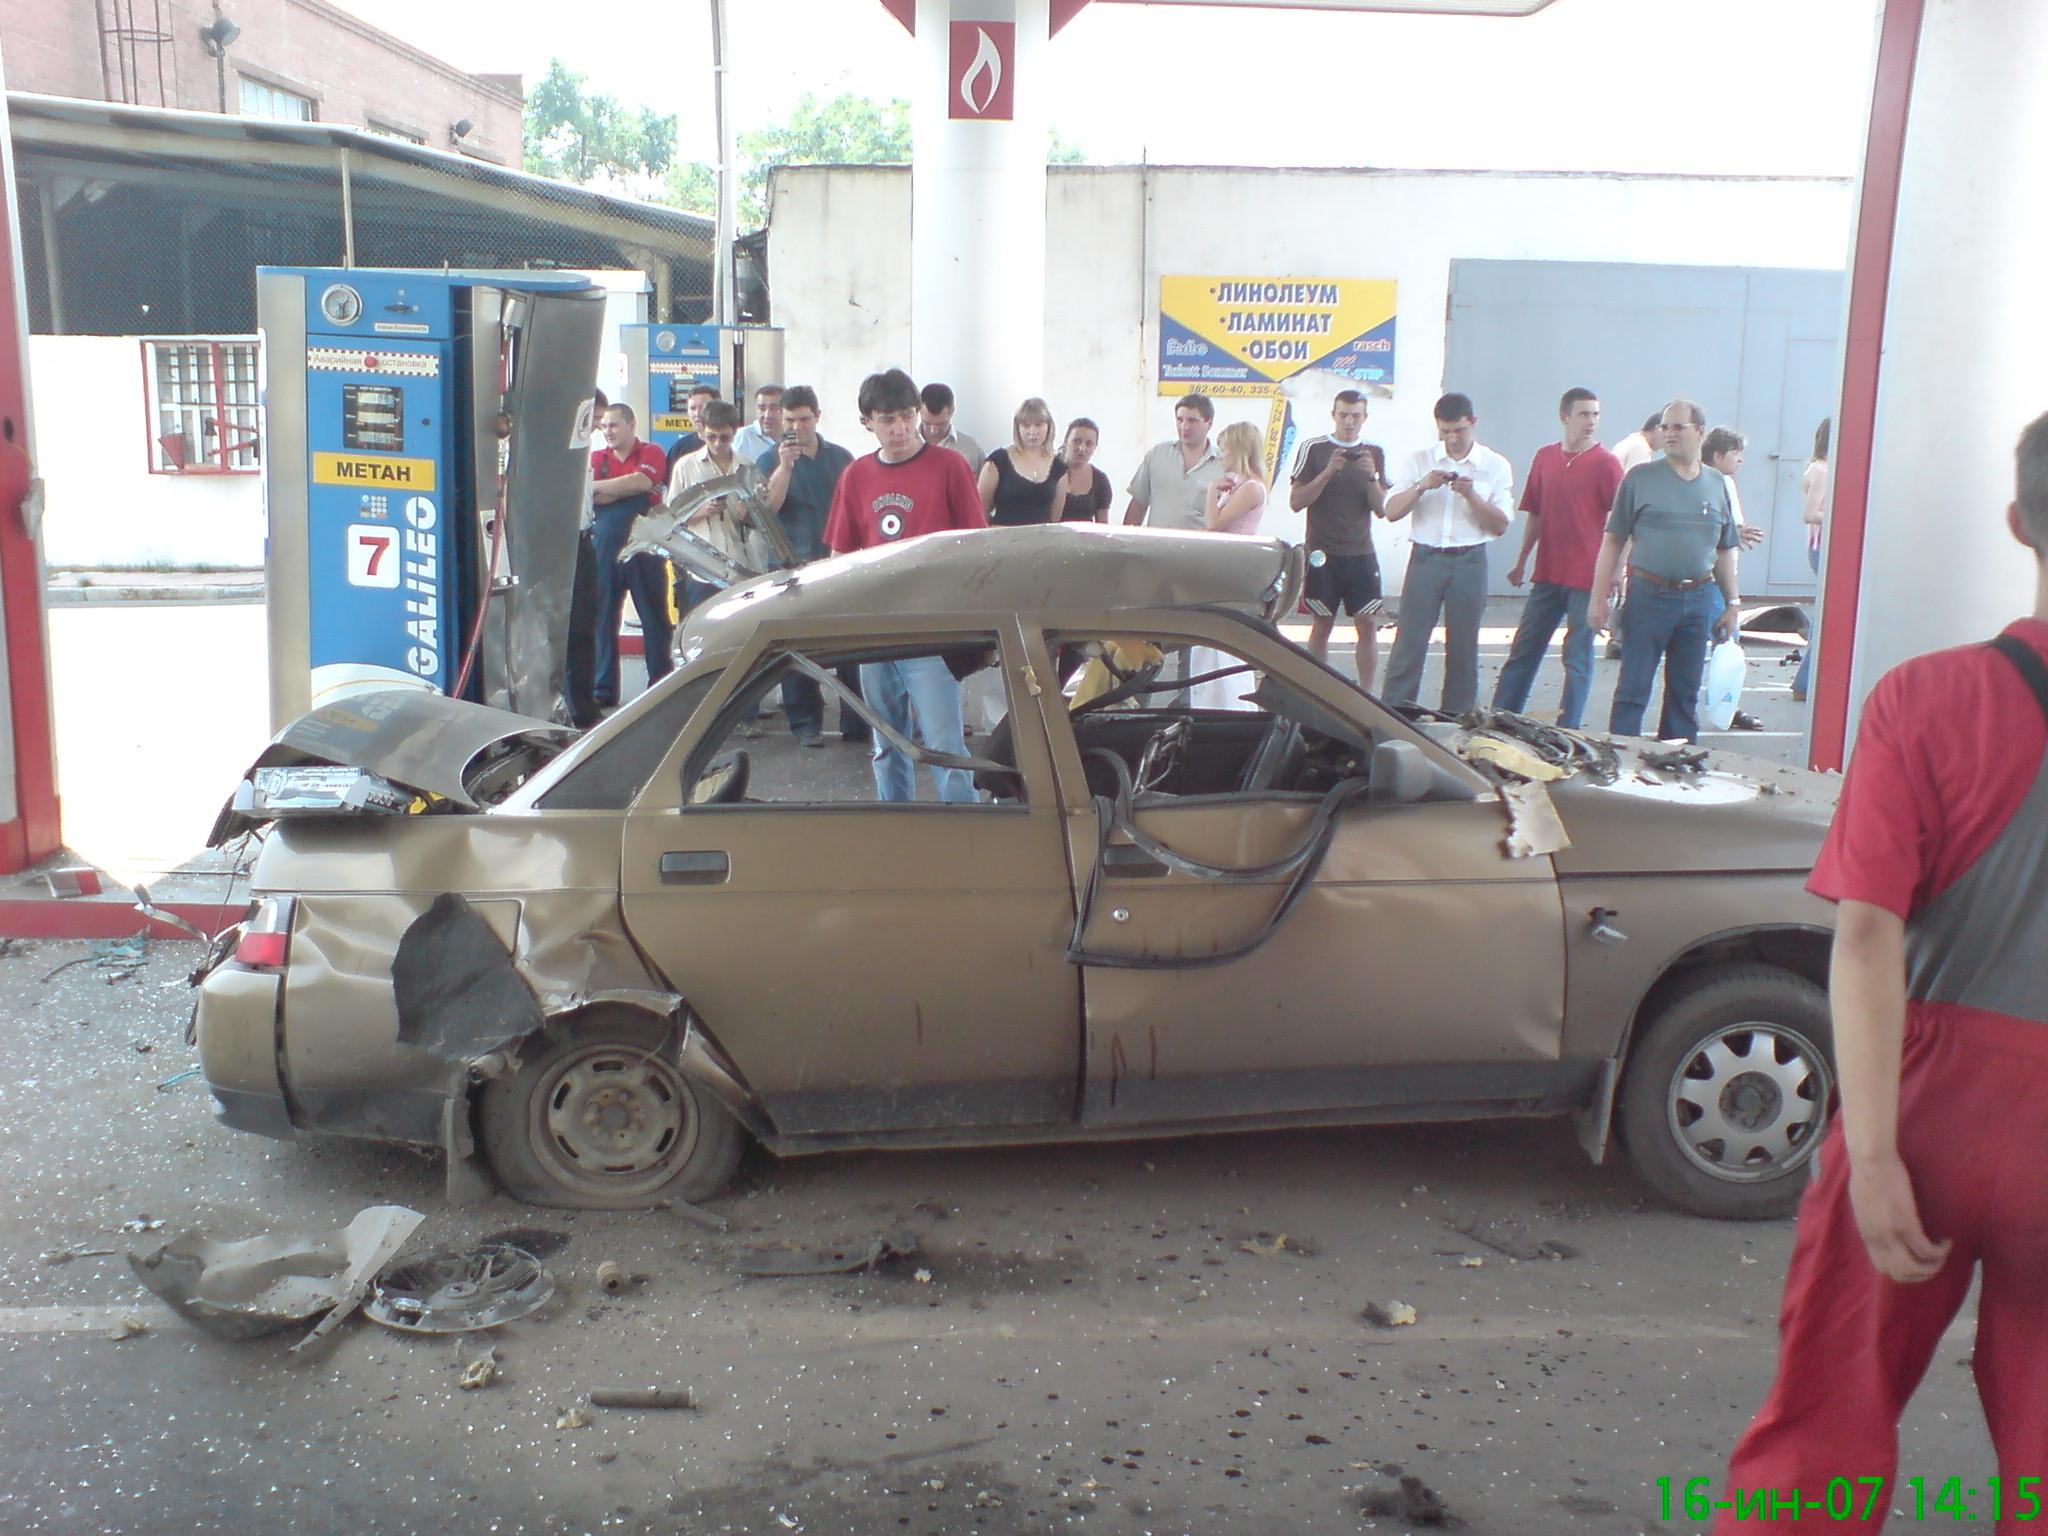 Почему может взорваться газовый баллон на автомобиле